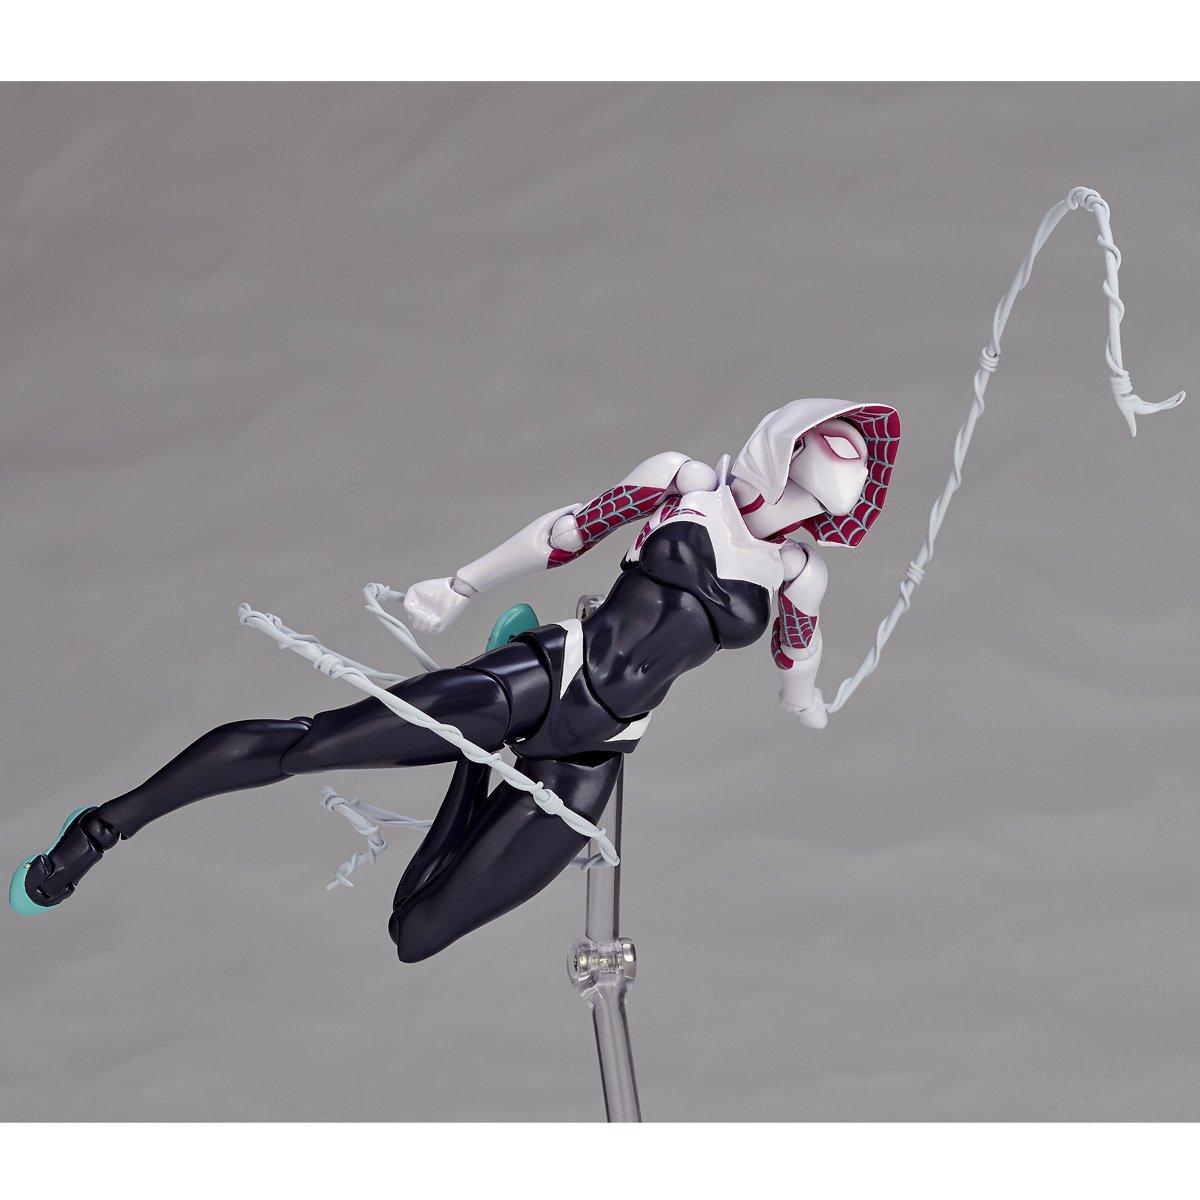 リボルテック Amazing Yamaguchi スパイダーグウェン